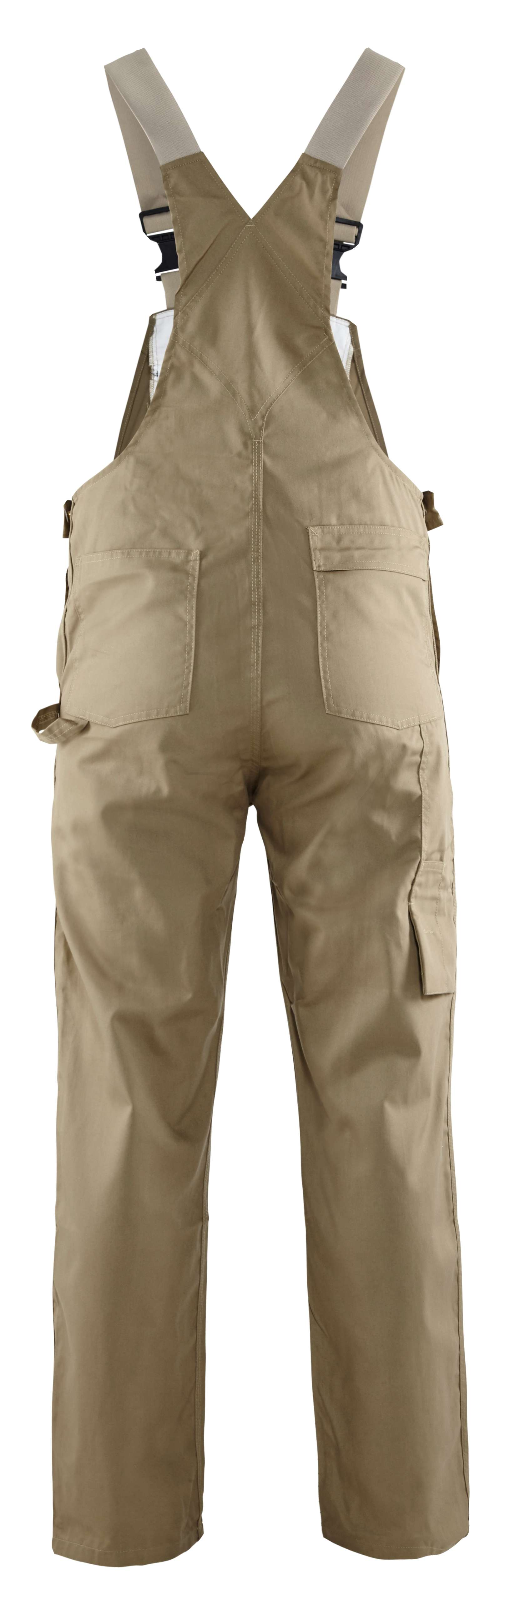 Blaklader Amerikaanse overalls 26101800 khaki(2400)